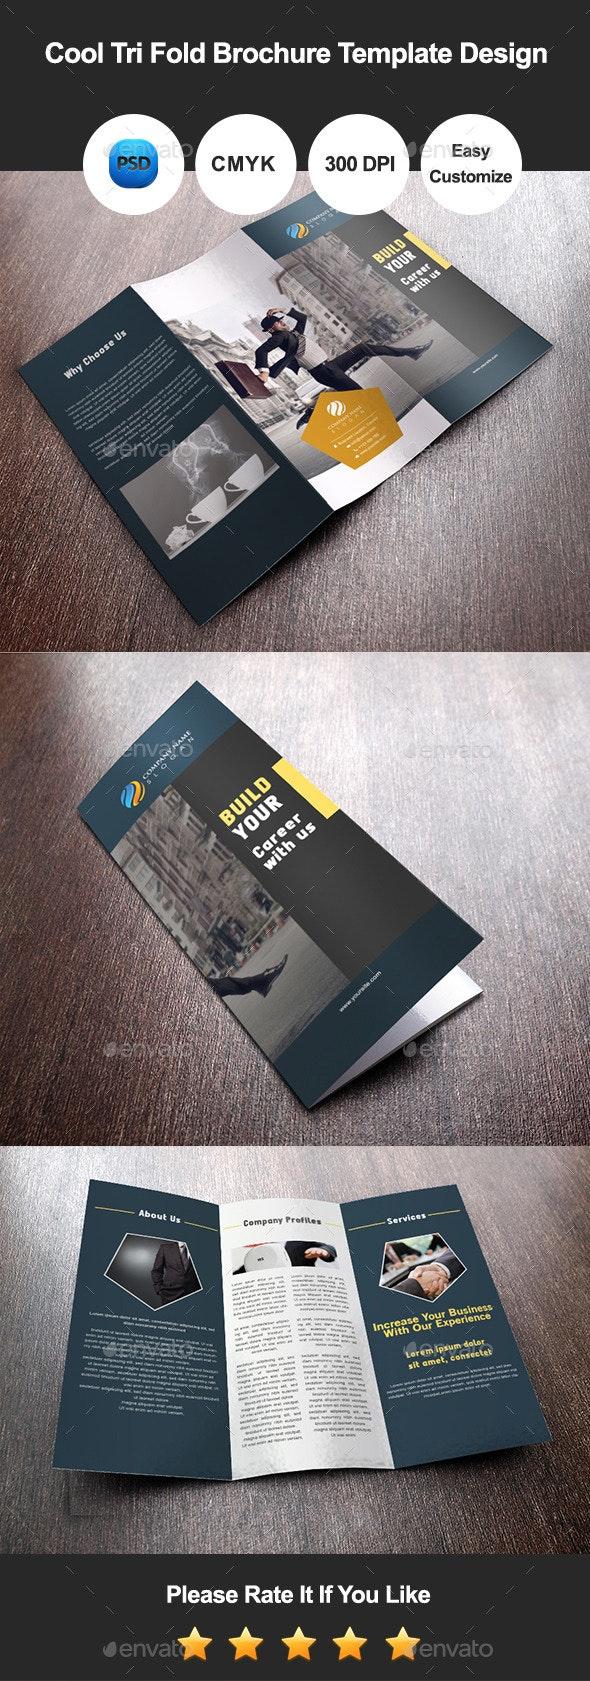 Cool Tri Fold Brochure Template Design - Corporate Brochures